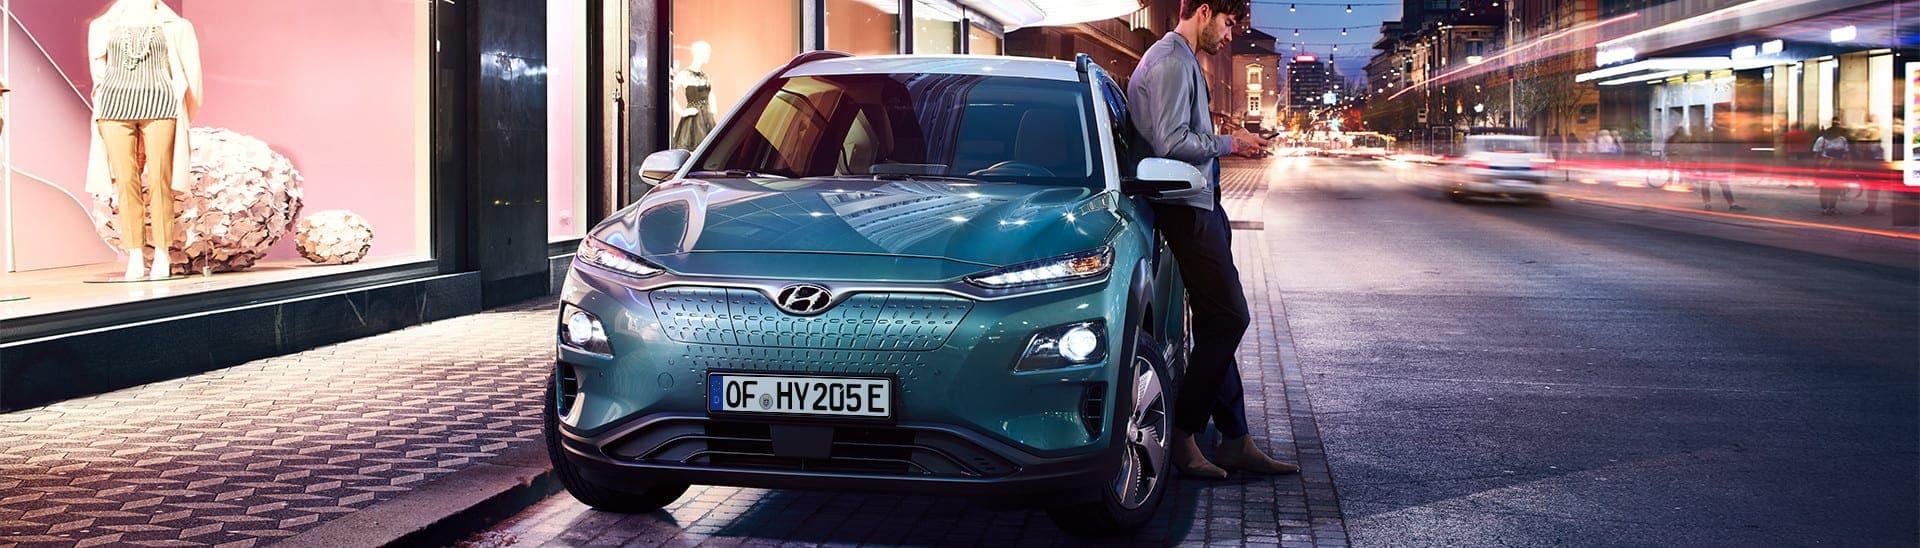 Hyundai Kona Elektro - Varianten und Preise